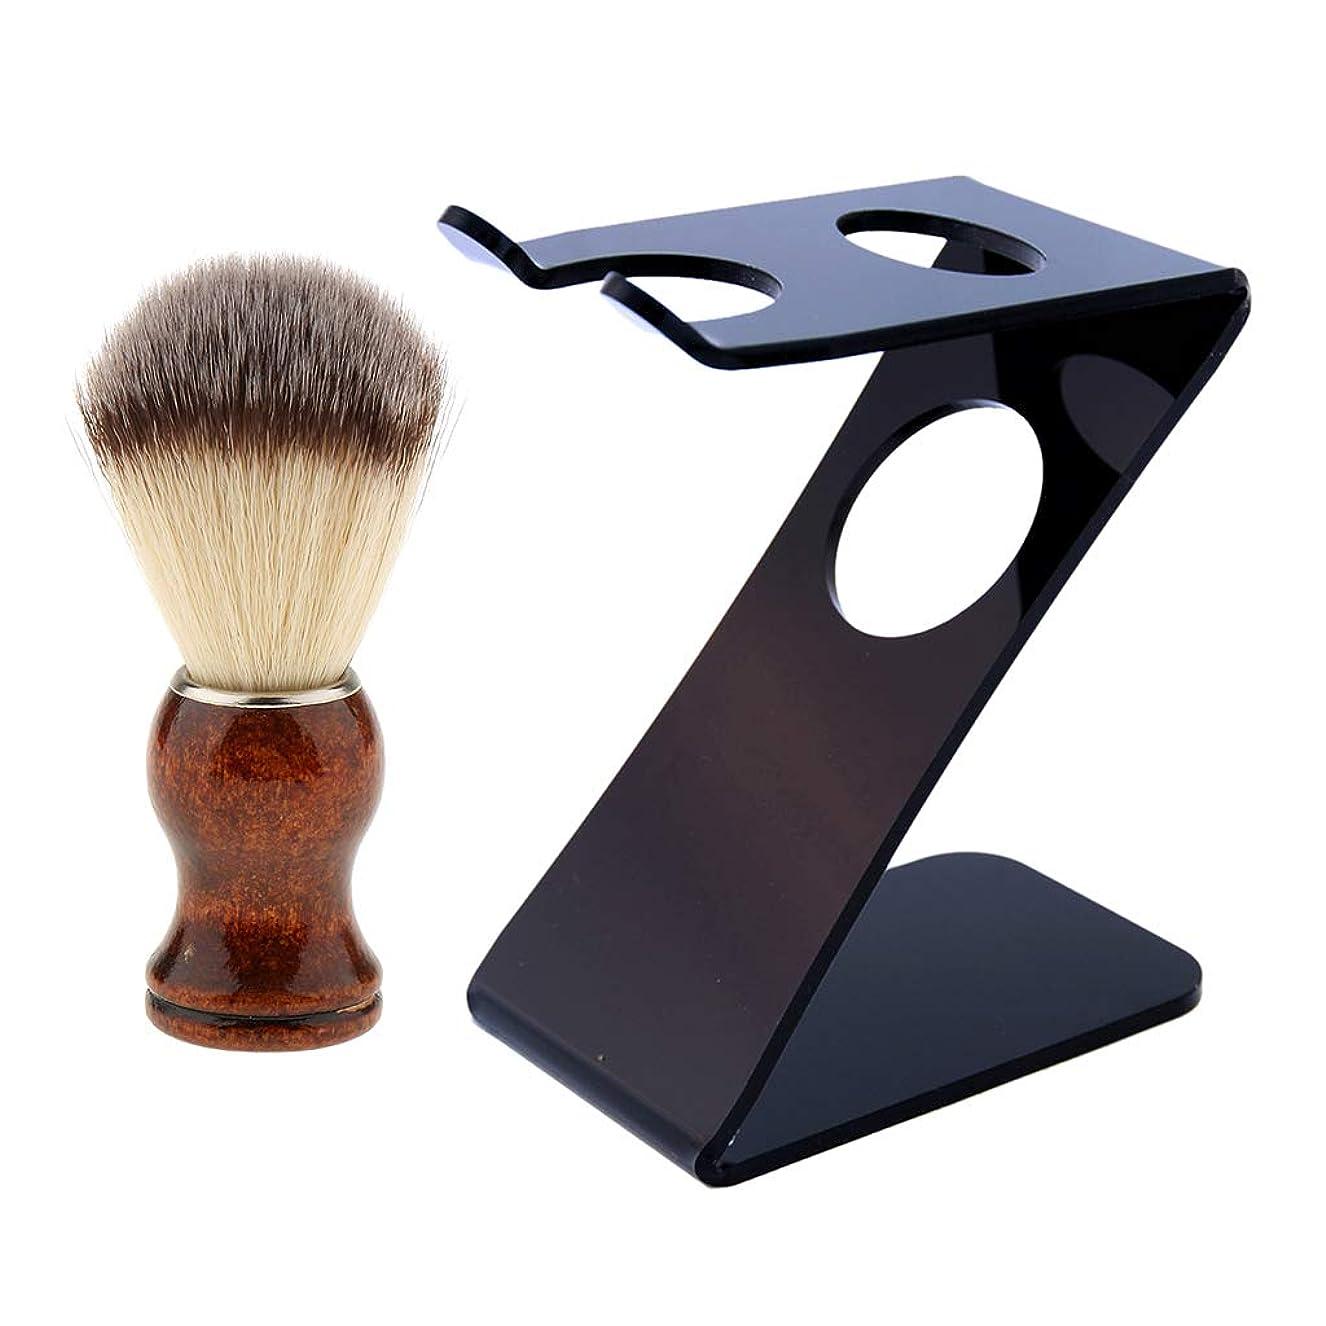 重要な役割を果たす、中心的な手段となる切り下げ遠いFLAMEER プラスチック シェービングブラシ 髭剃り Z型 スタンドホルダー ブラック 乾きやすく 長寿命